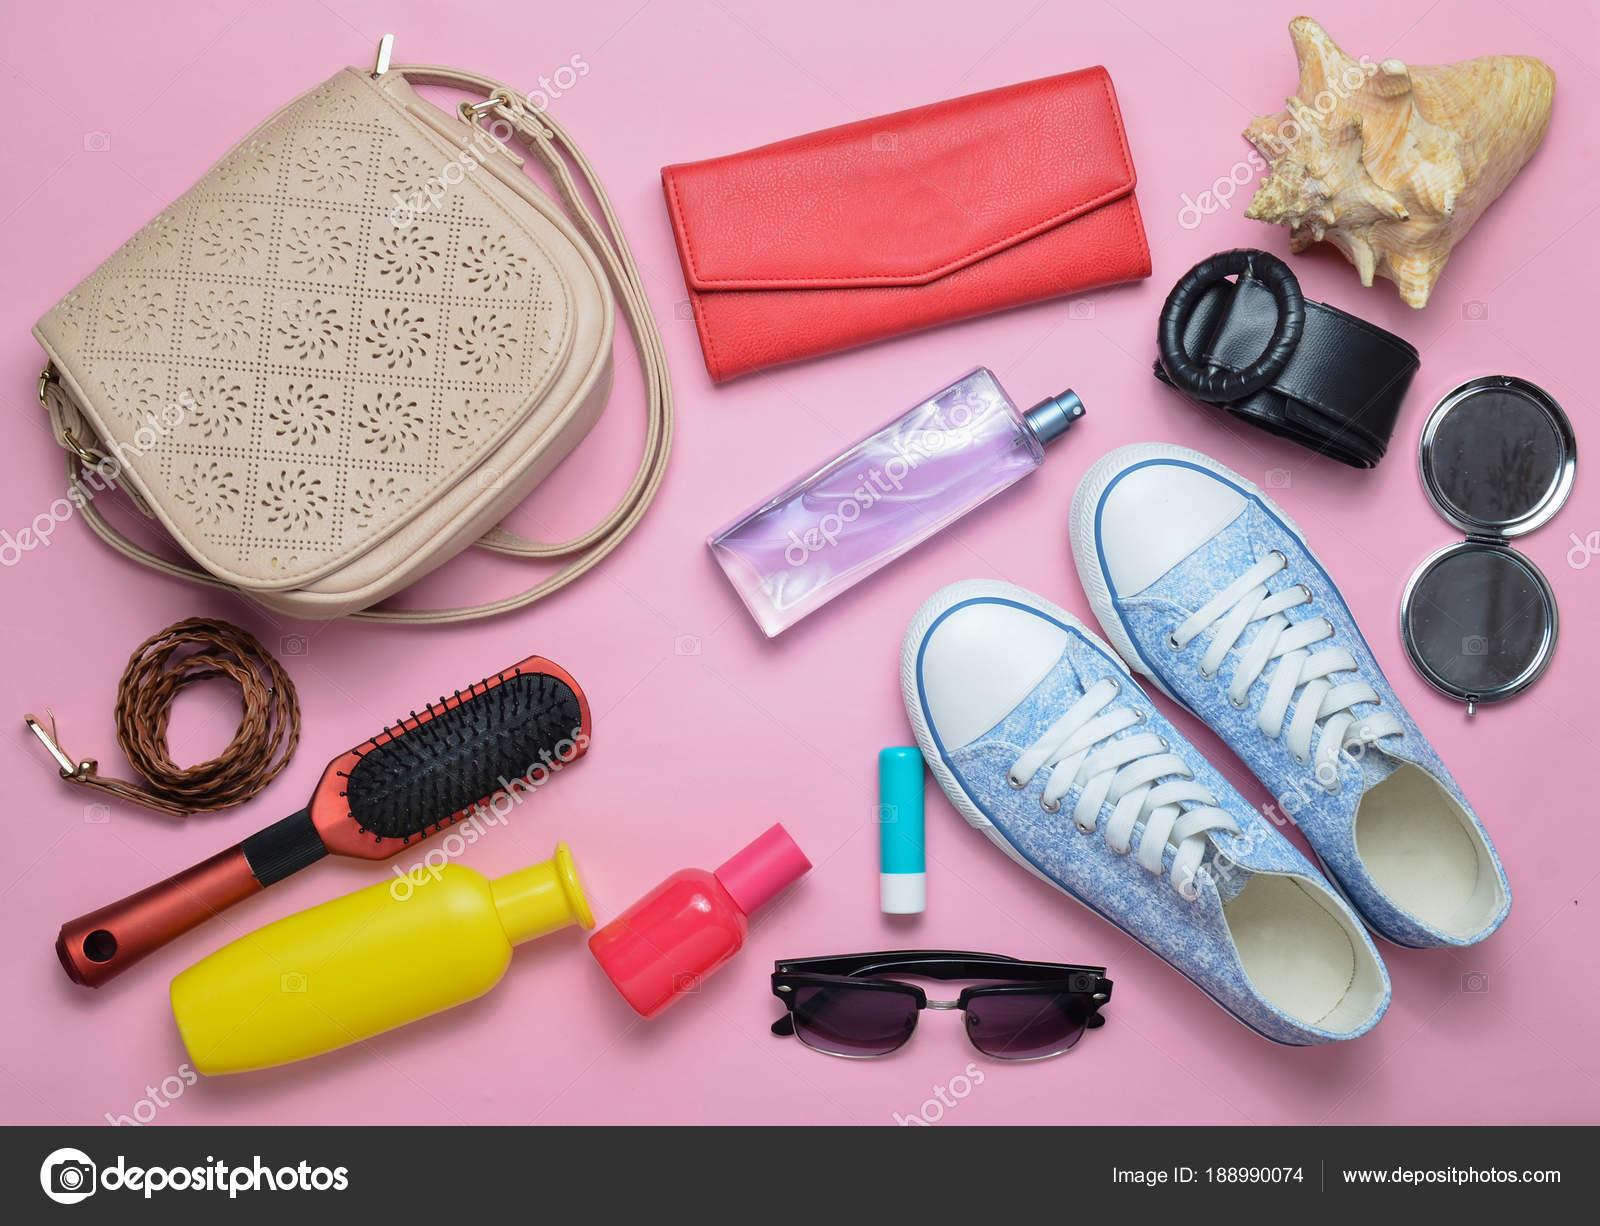 ecd5be3dee06 Mi van a női táska? Elutazik. Csaj divatos tavaszi és nyári kiegészítők:  cipők